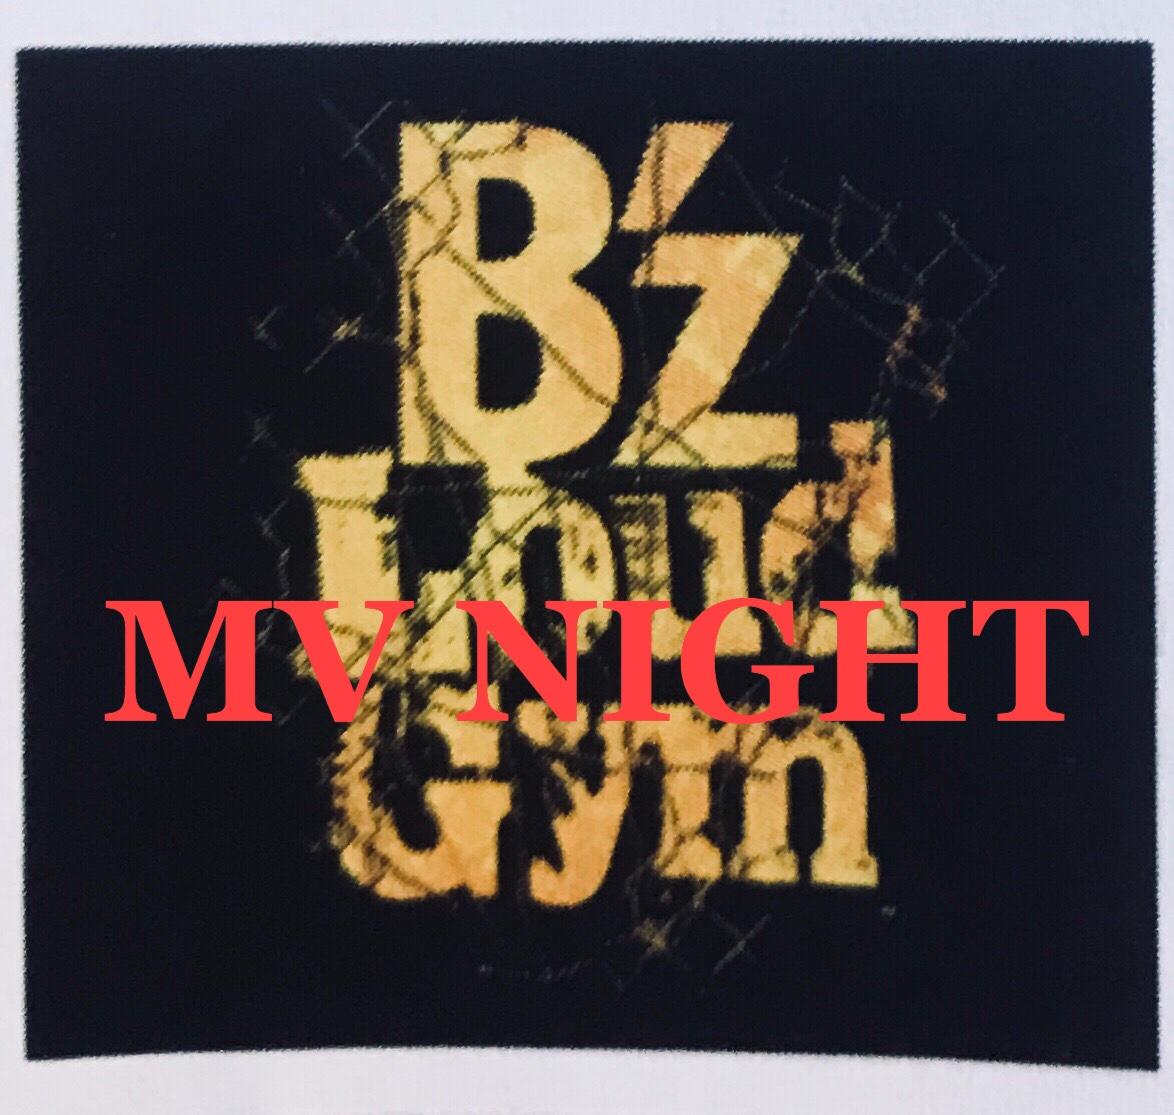 MV-NIGHT